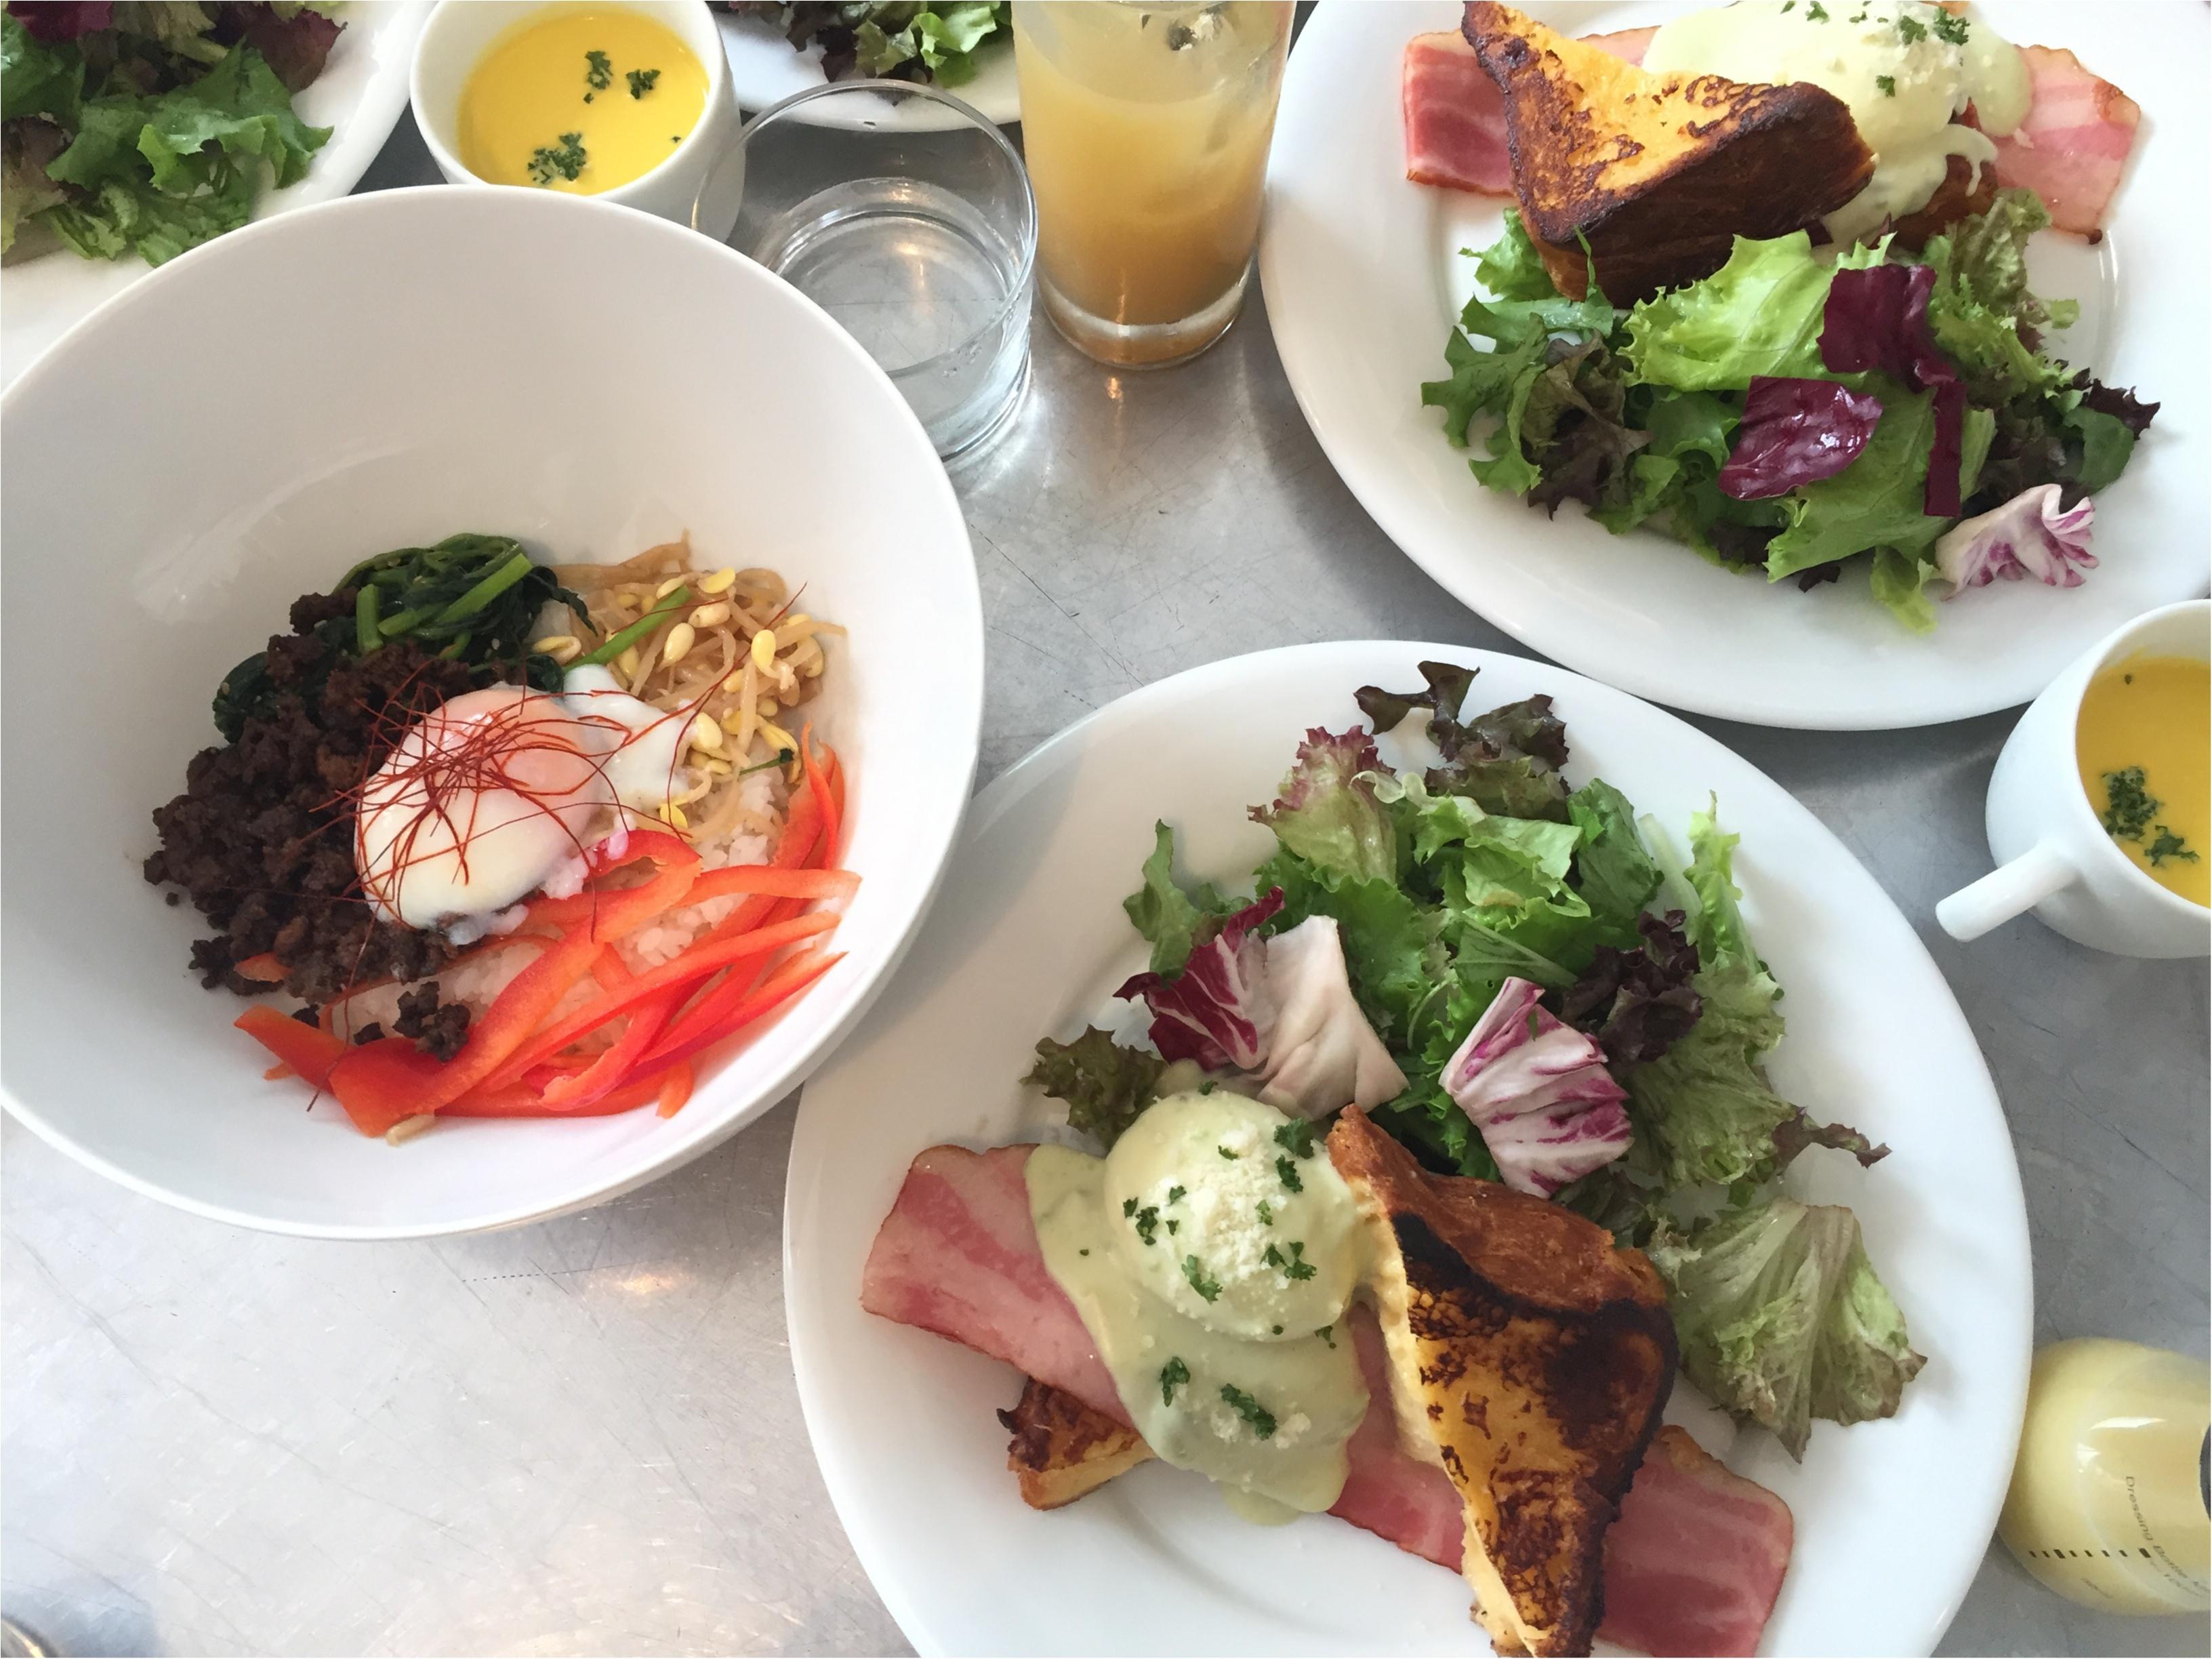 ここはホテル?のようなおしゃれなレストラン『HOTEL EMANON』でモアハピ女子会!!_7